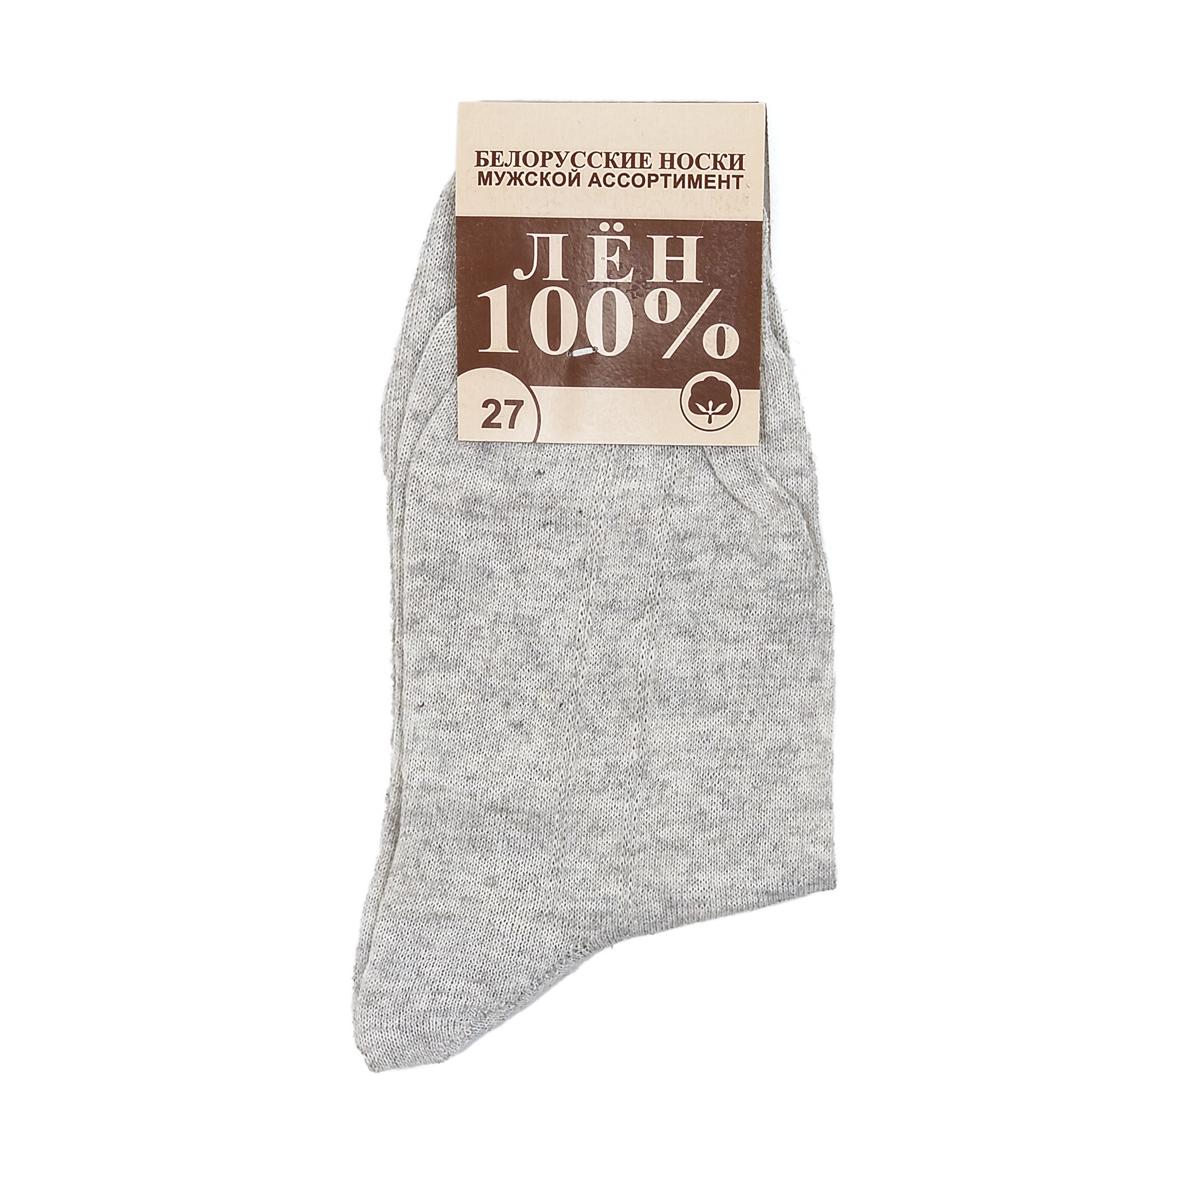 Носки мужские Лен, размер 39-40Носки<br><br><br>Тип: Муж. носки<br>Размер: 39-40<br>Материал: Лен